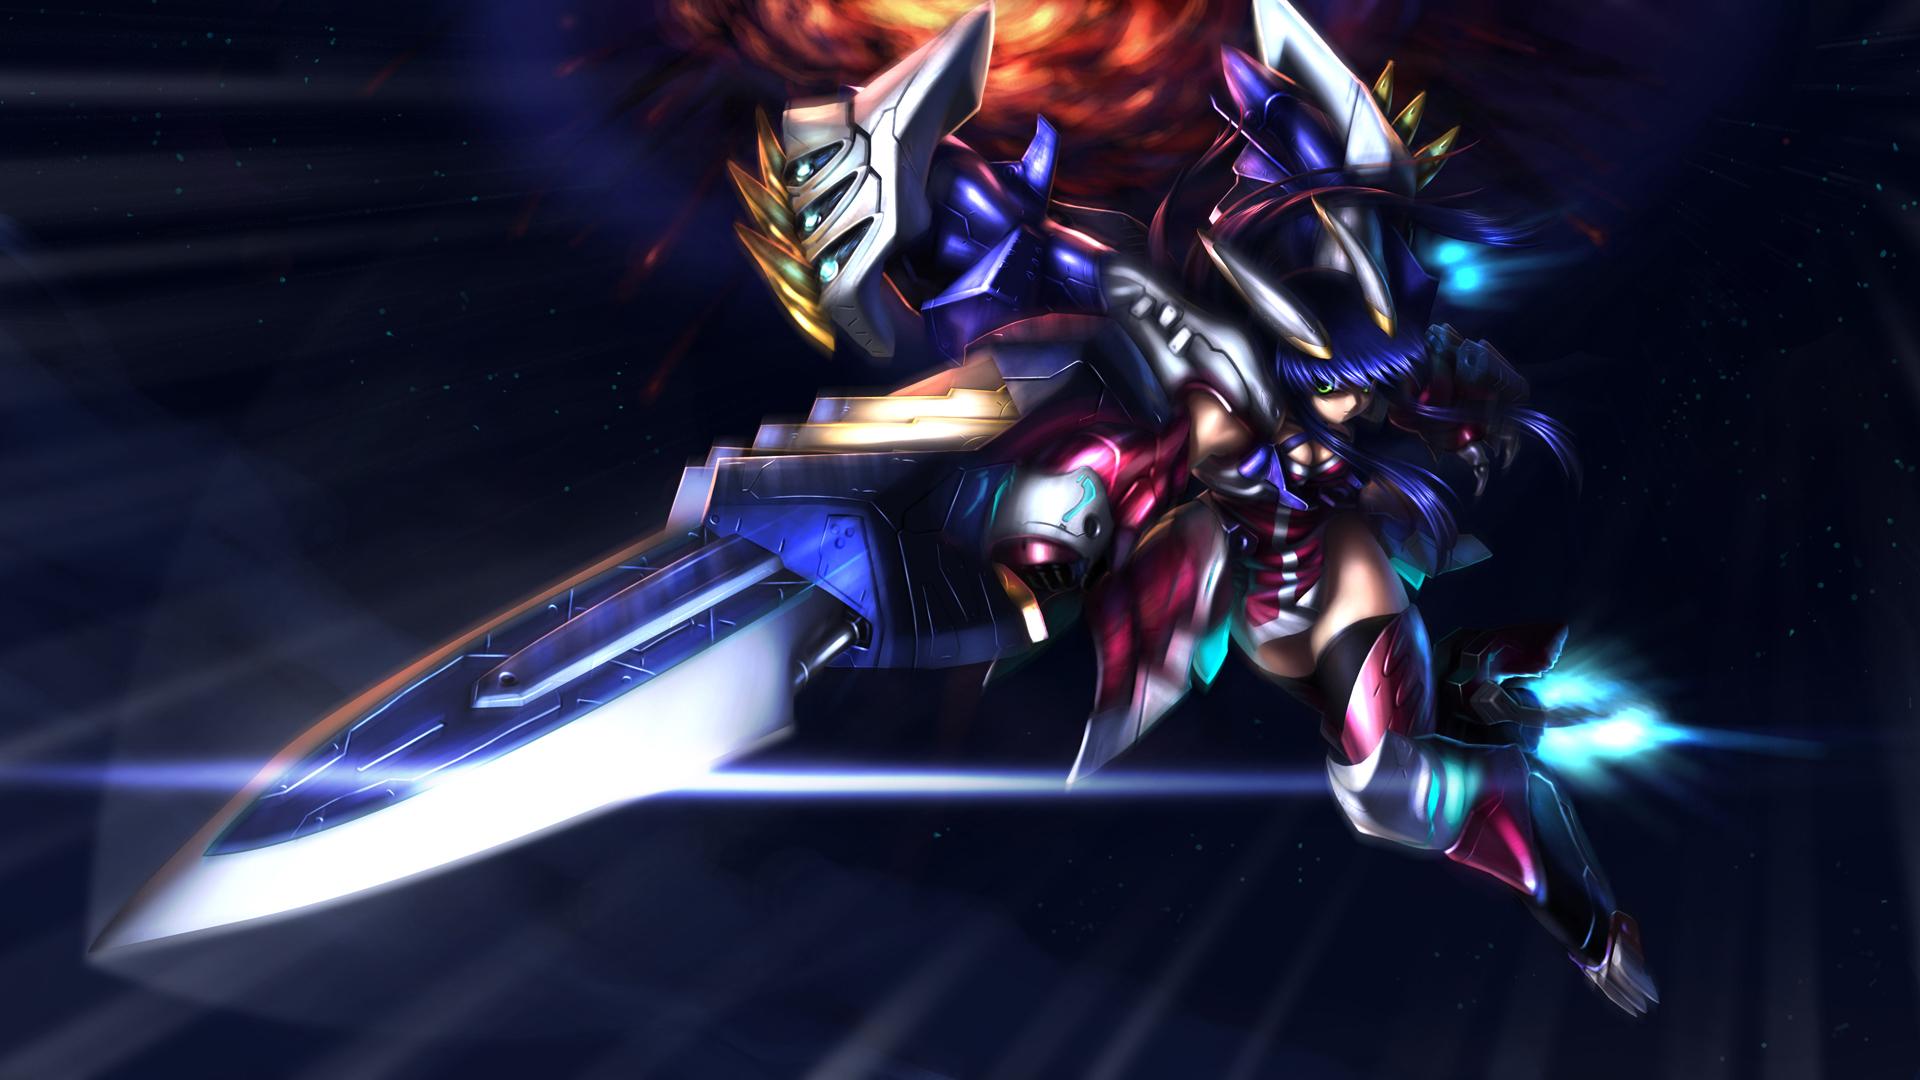 Gundam hd wallpaper background image 1920x1080 id 226544 wallpaper abyss - Gundam wallpaper hd ...